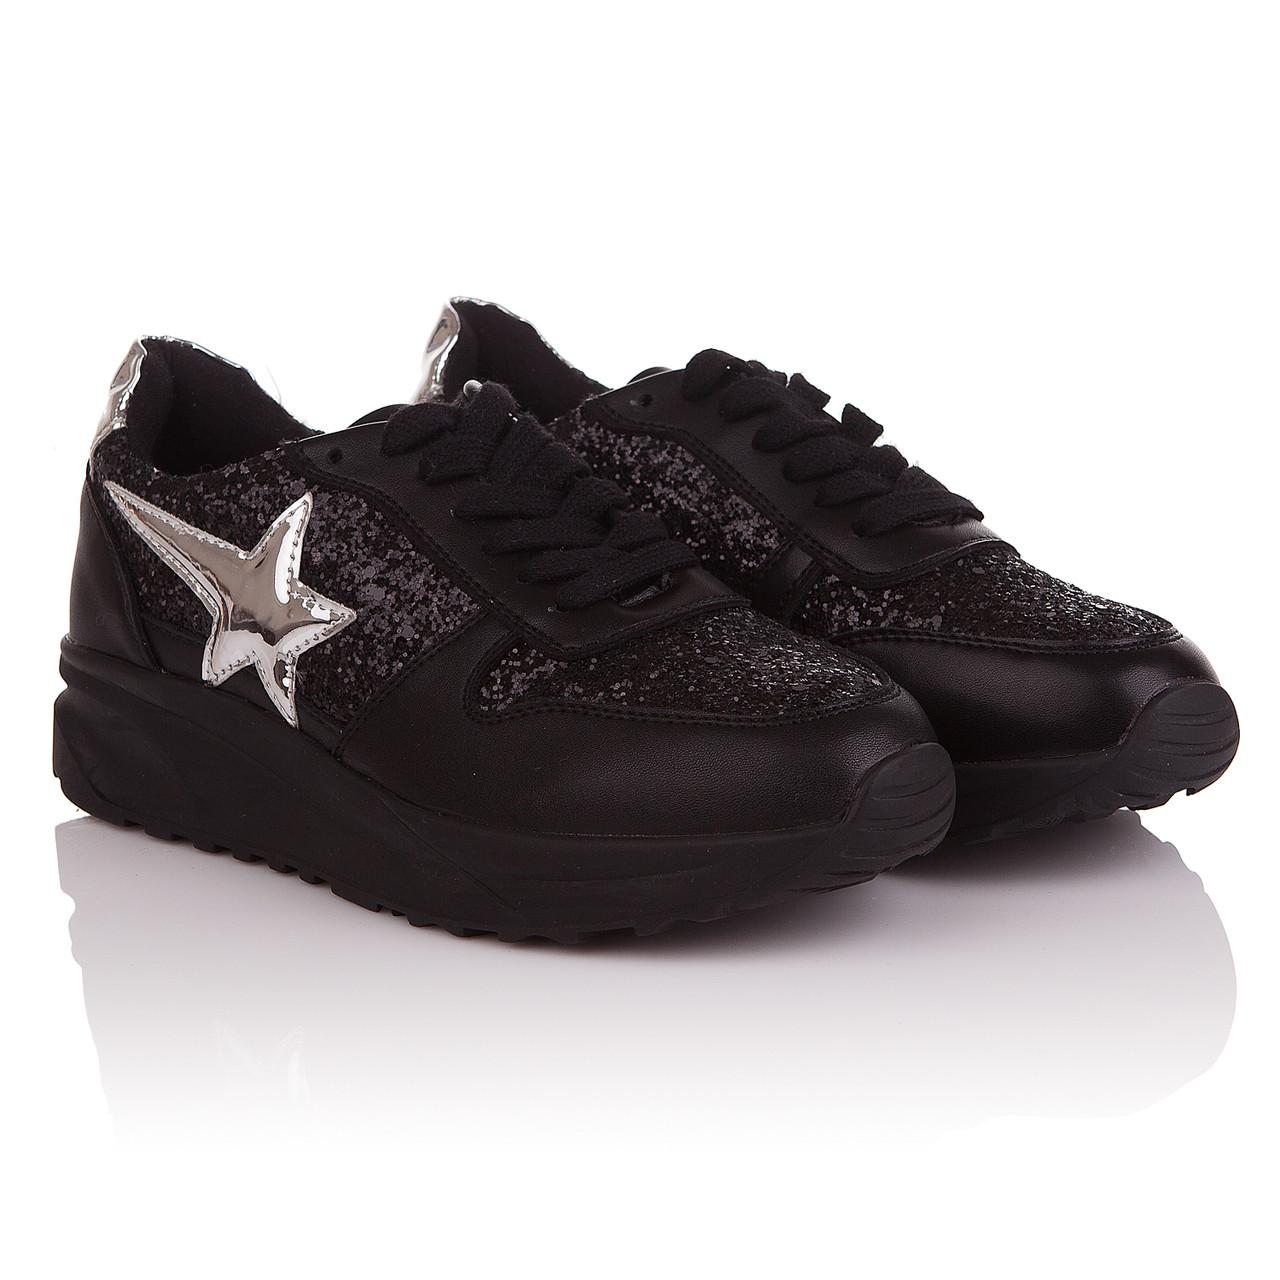 833d7d3fe247 Купить Кроссовки женские Feilimao (черного цвета с стильным напылением,  удобные, ...